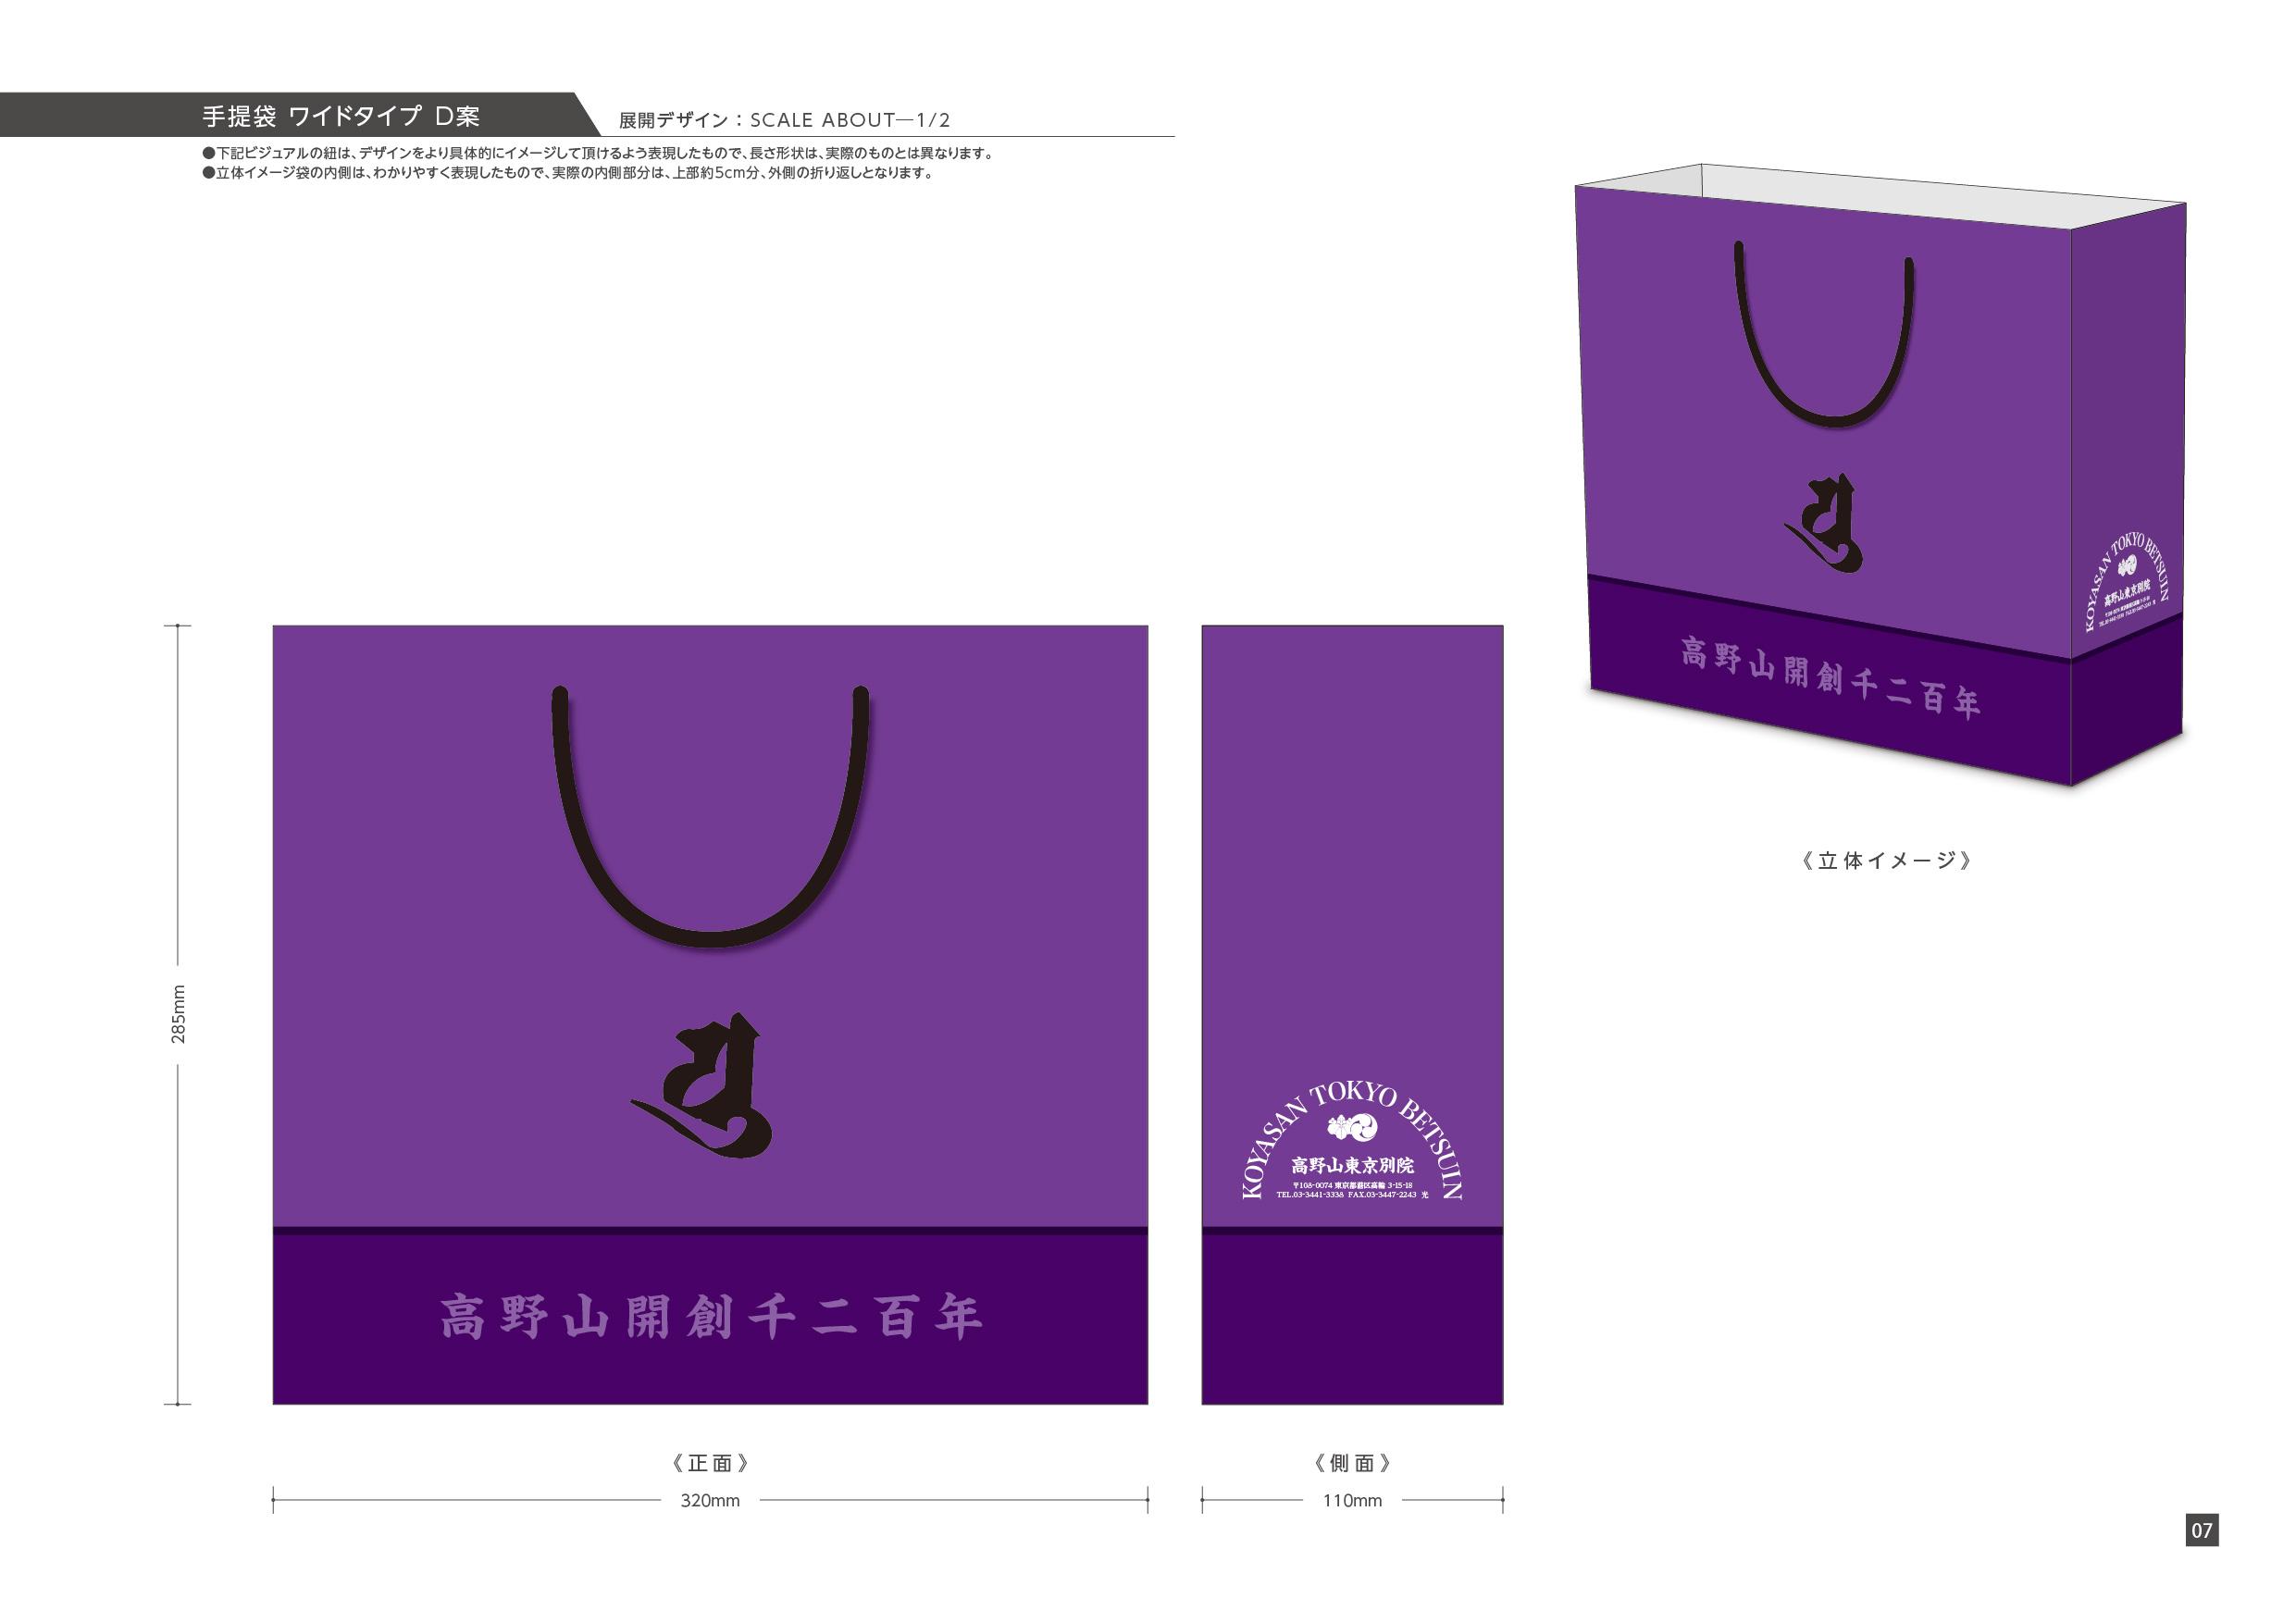 手提袋デザイン案 ワイドタイプ04